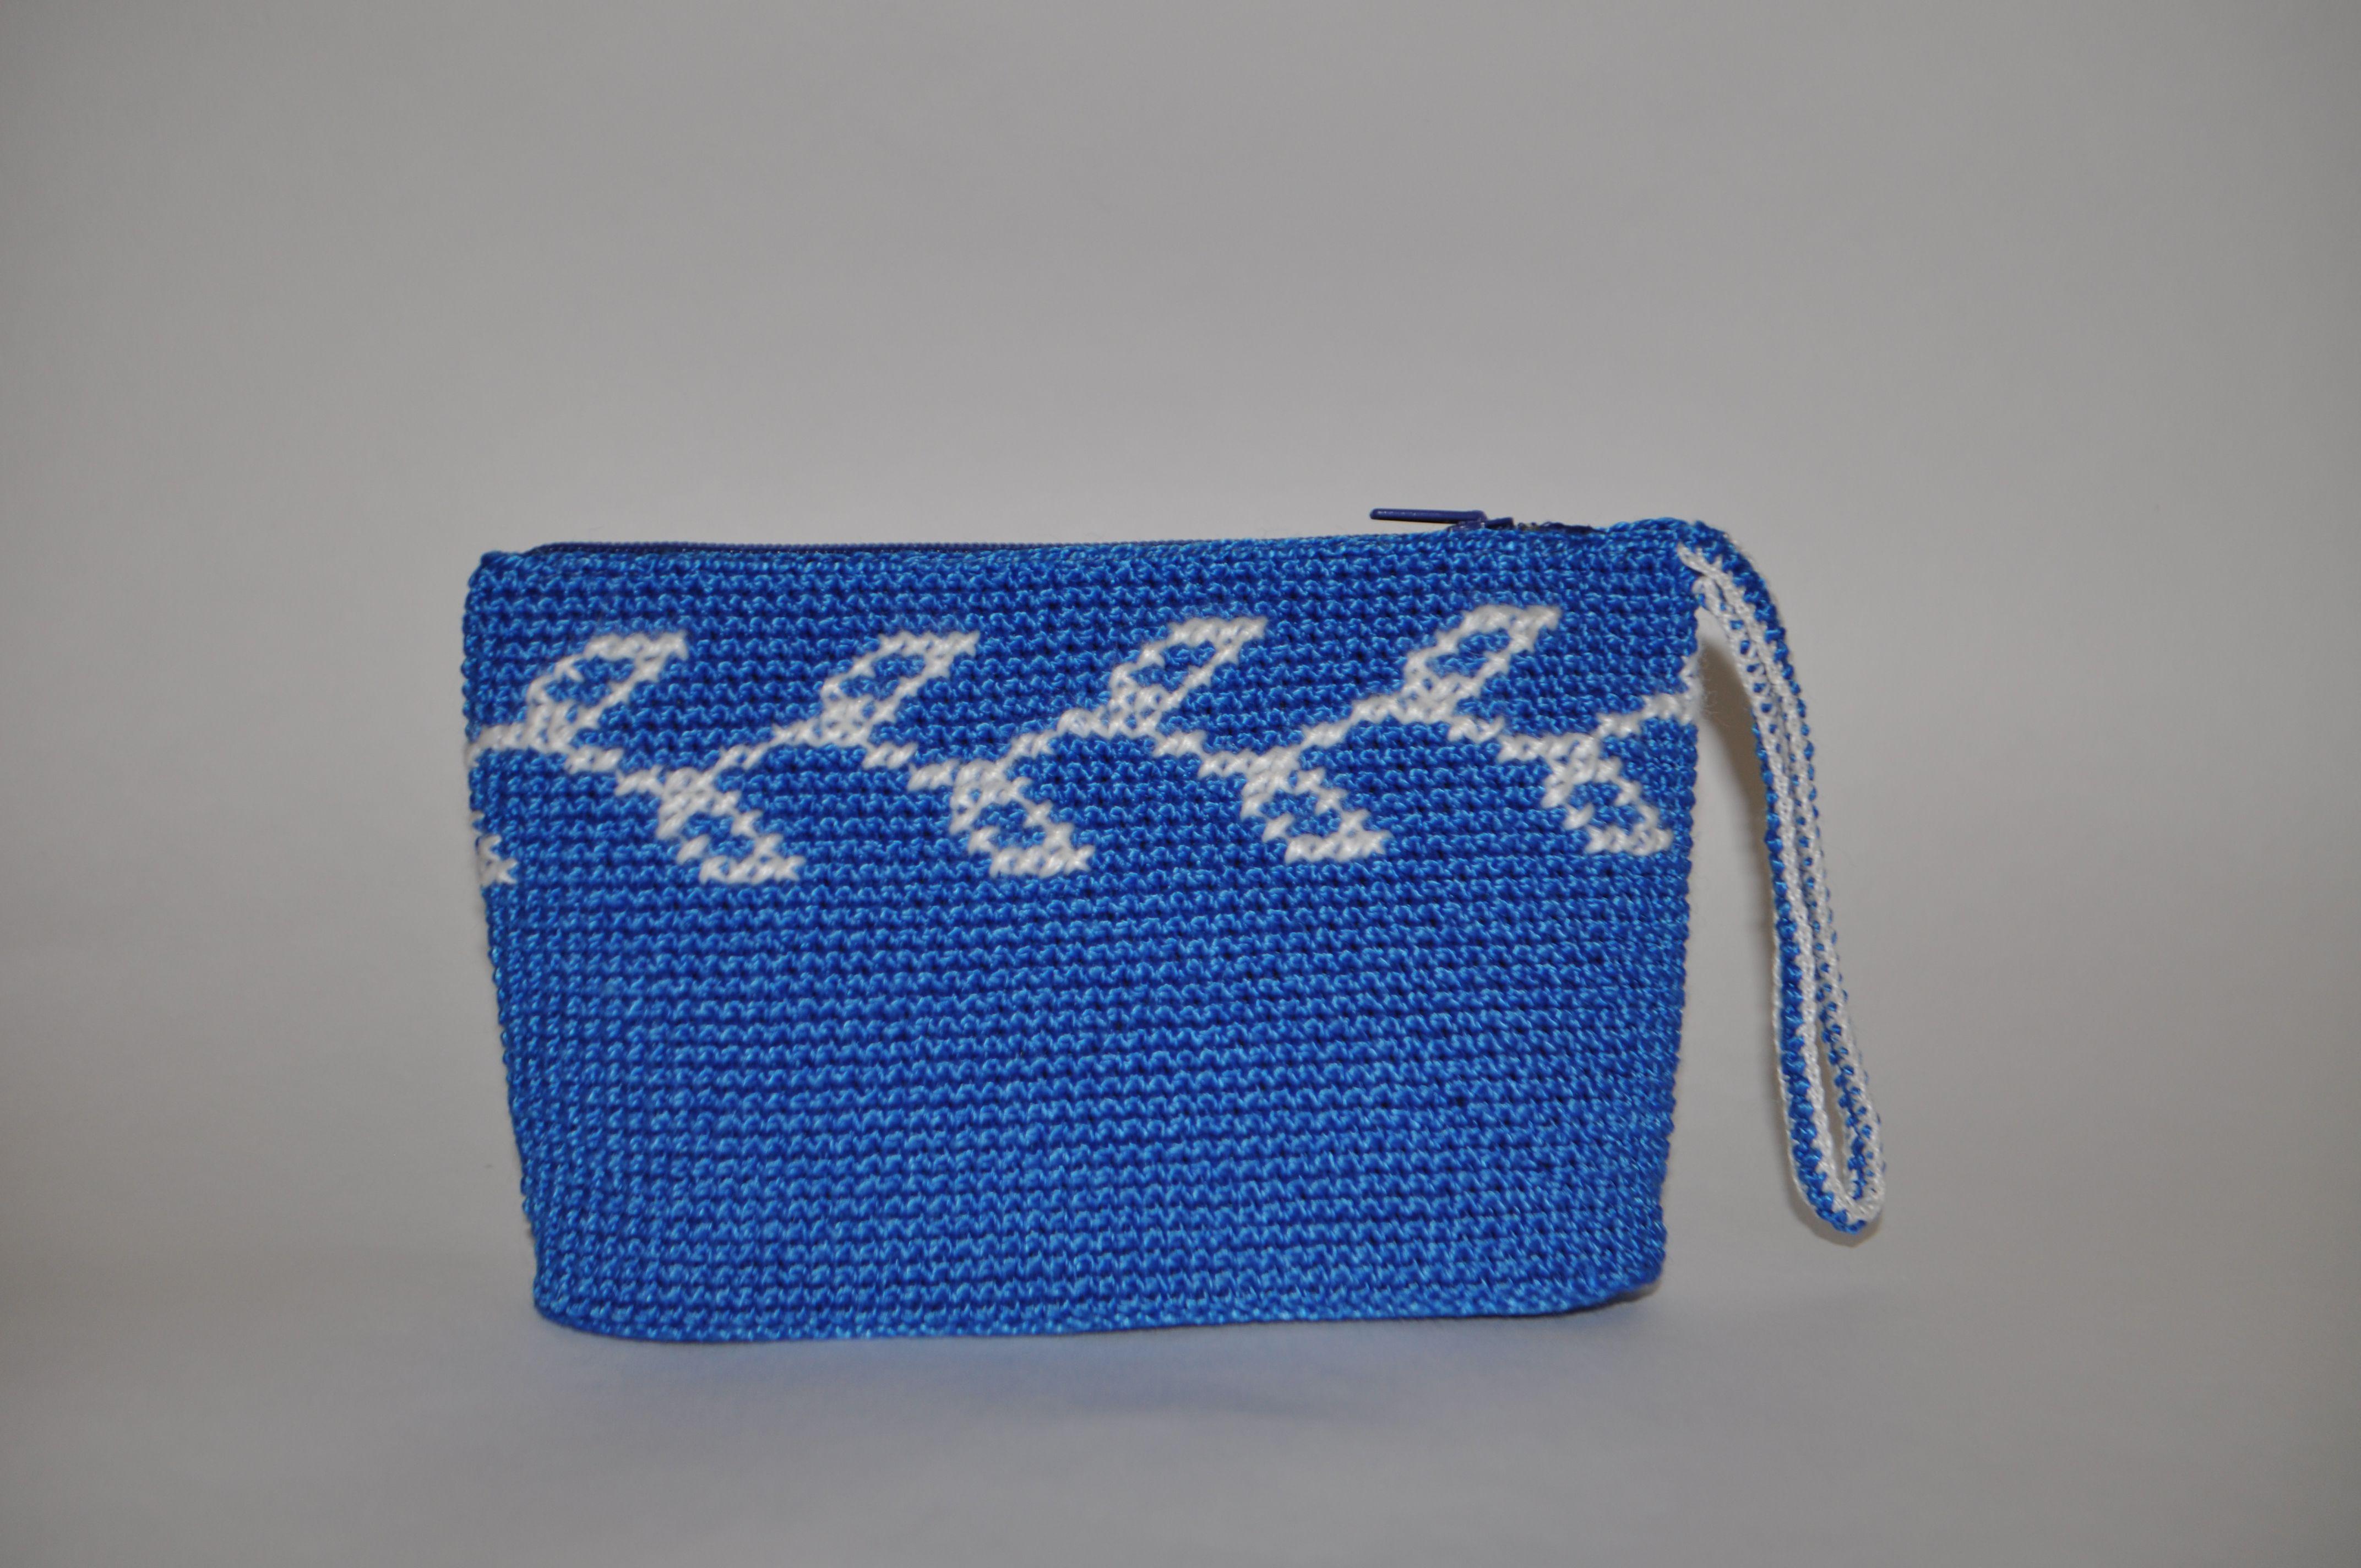 синяя вышивка на ручная сумка с белым праздник подкладке косметика молнией крючком день крестиком работа рождения вязаная новый крестом косметичка клатч год сувенир подарок